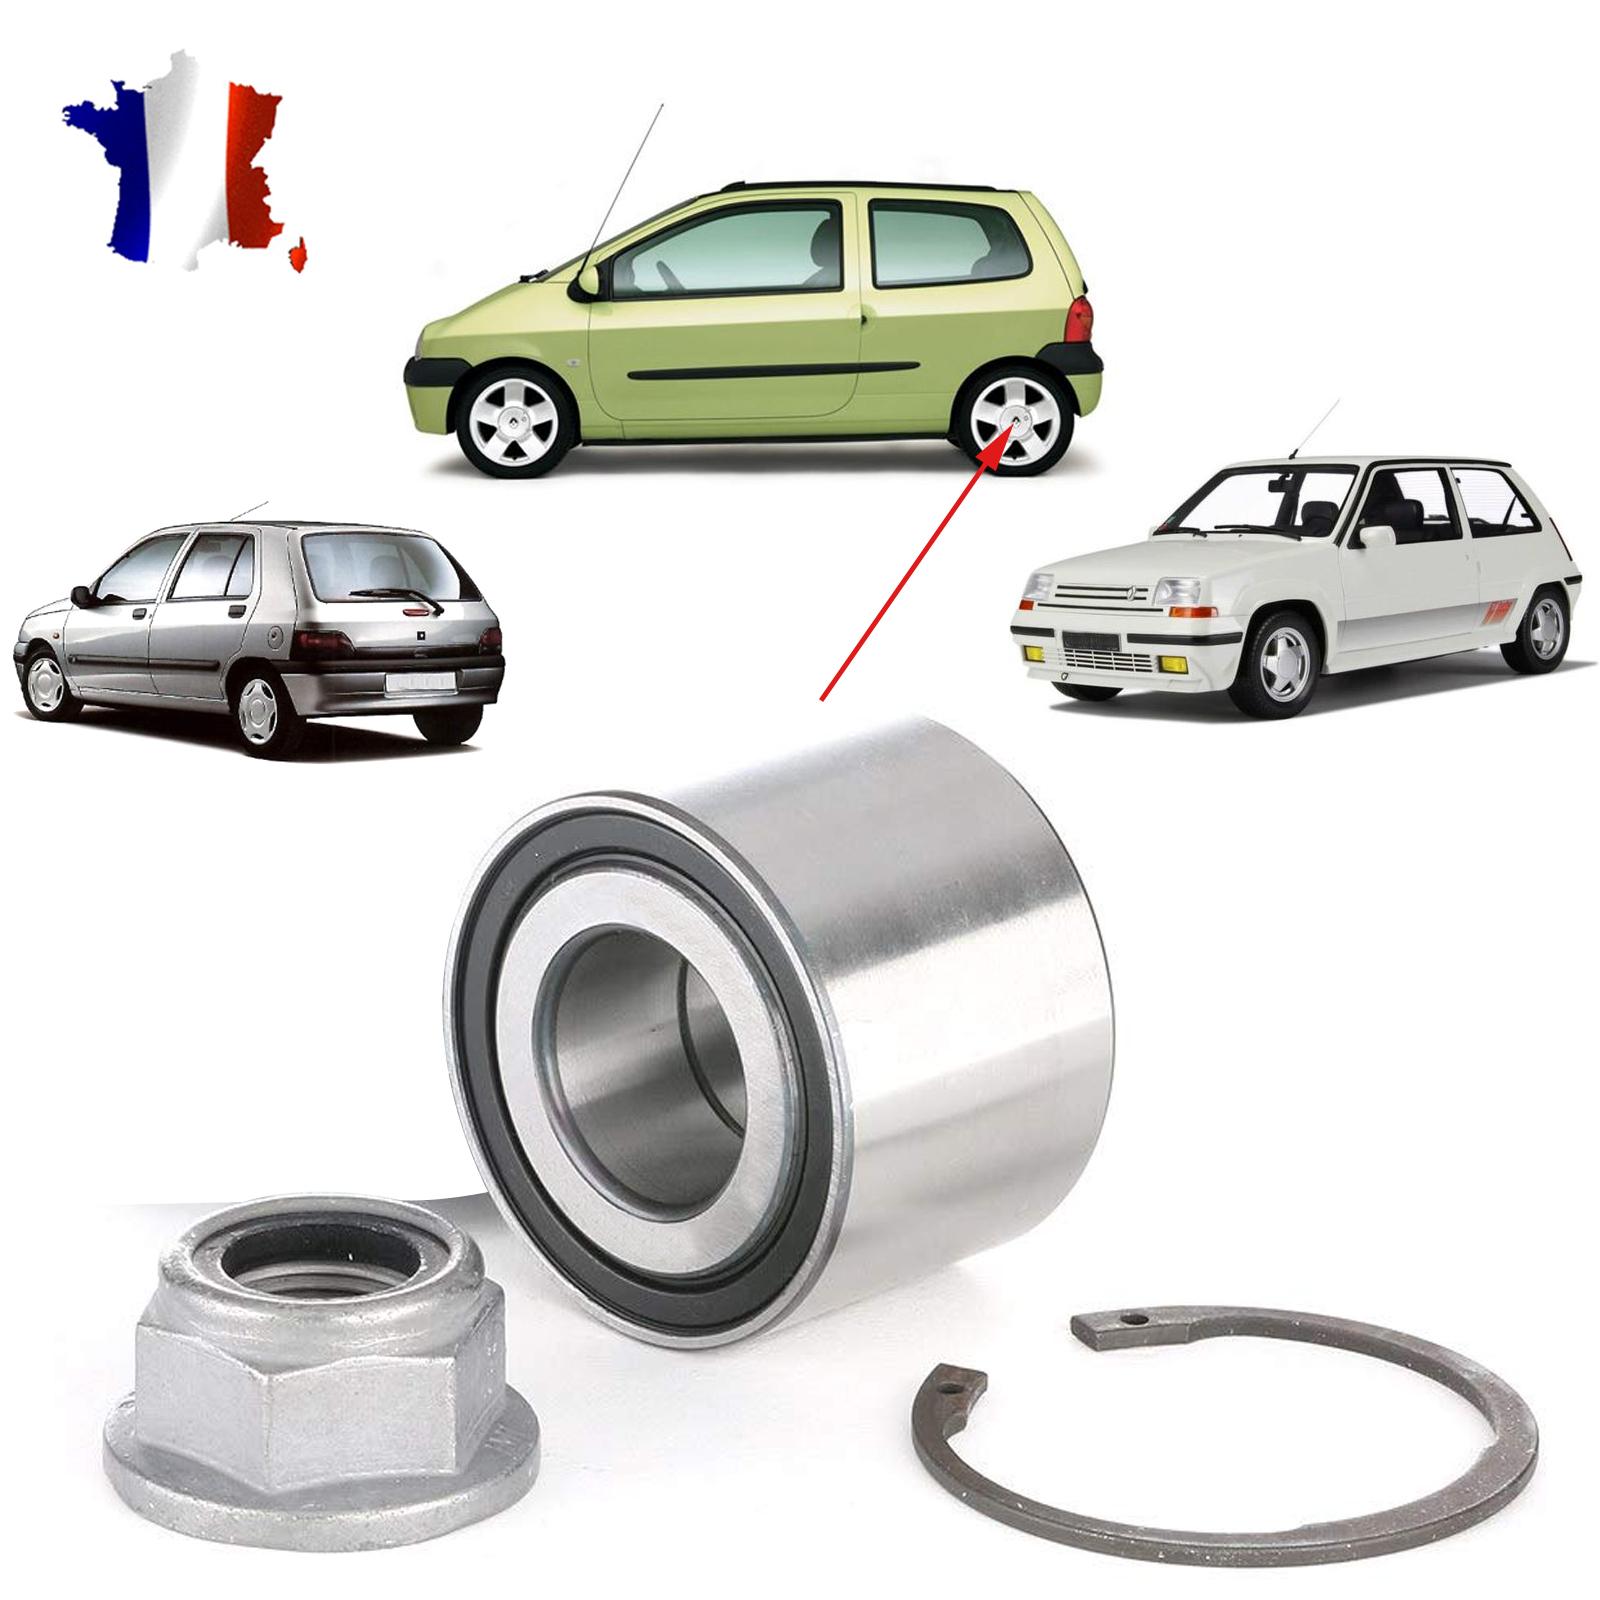 Roulement de roue Arriere Renault Twingo ref 7701205812 de france